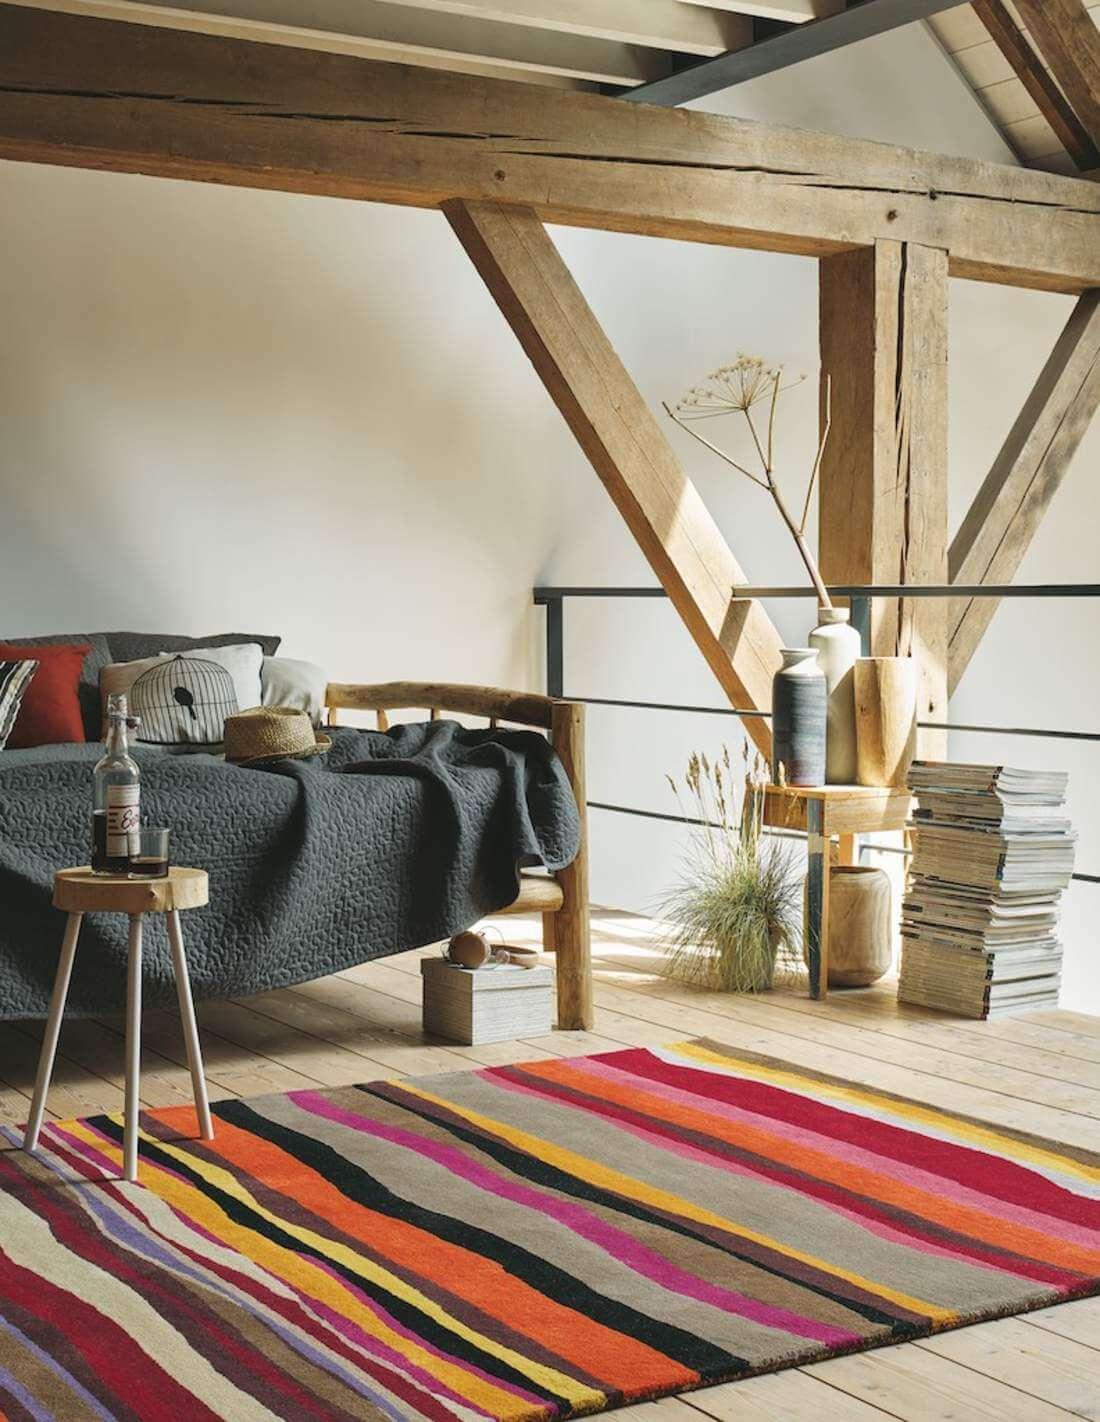 Alfombra de lana para decorar la casa en Decora-Zone en Bilbao